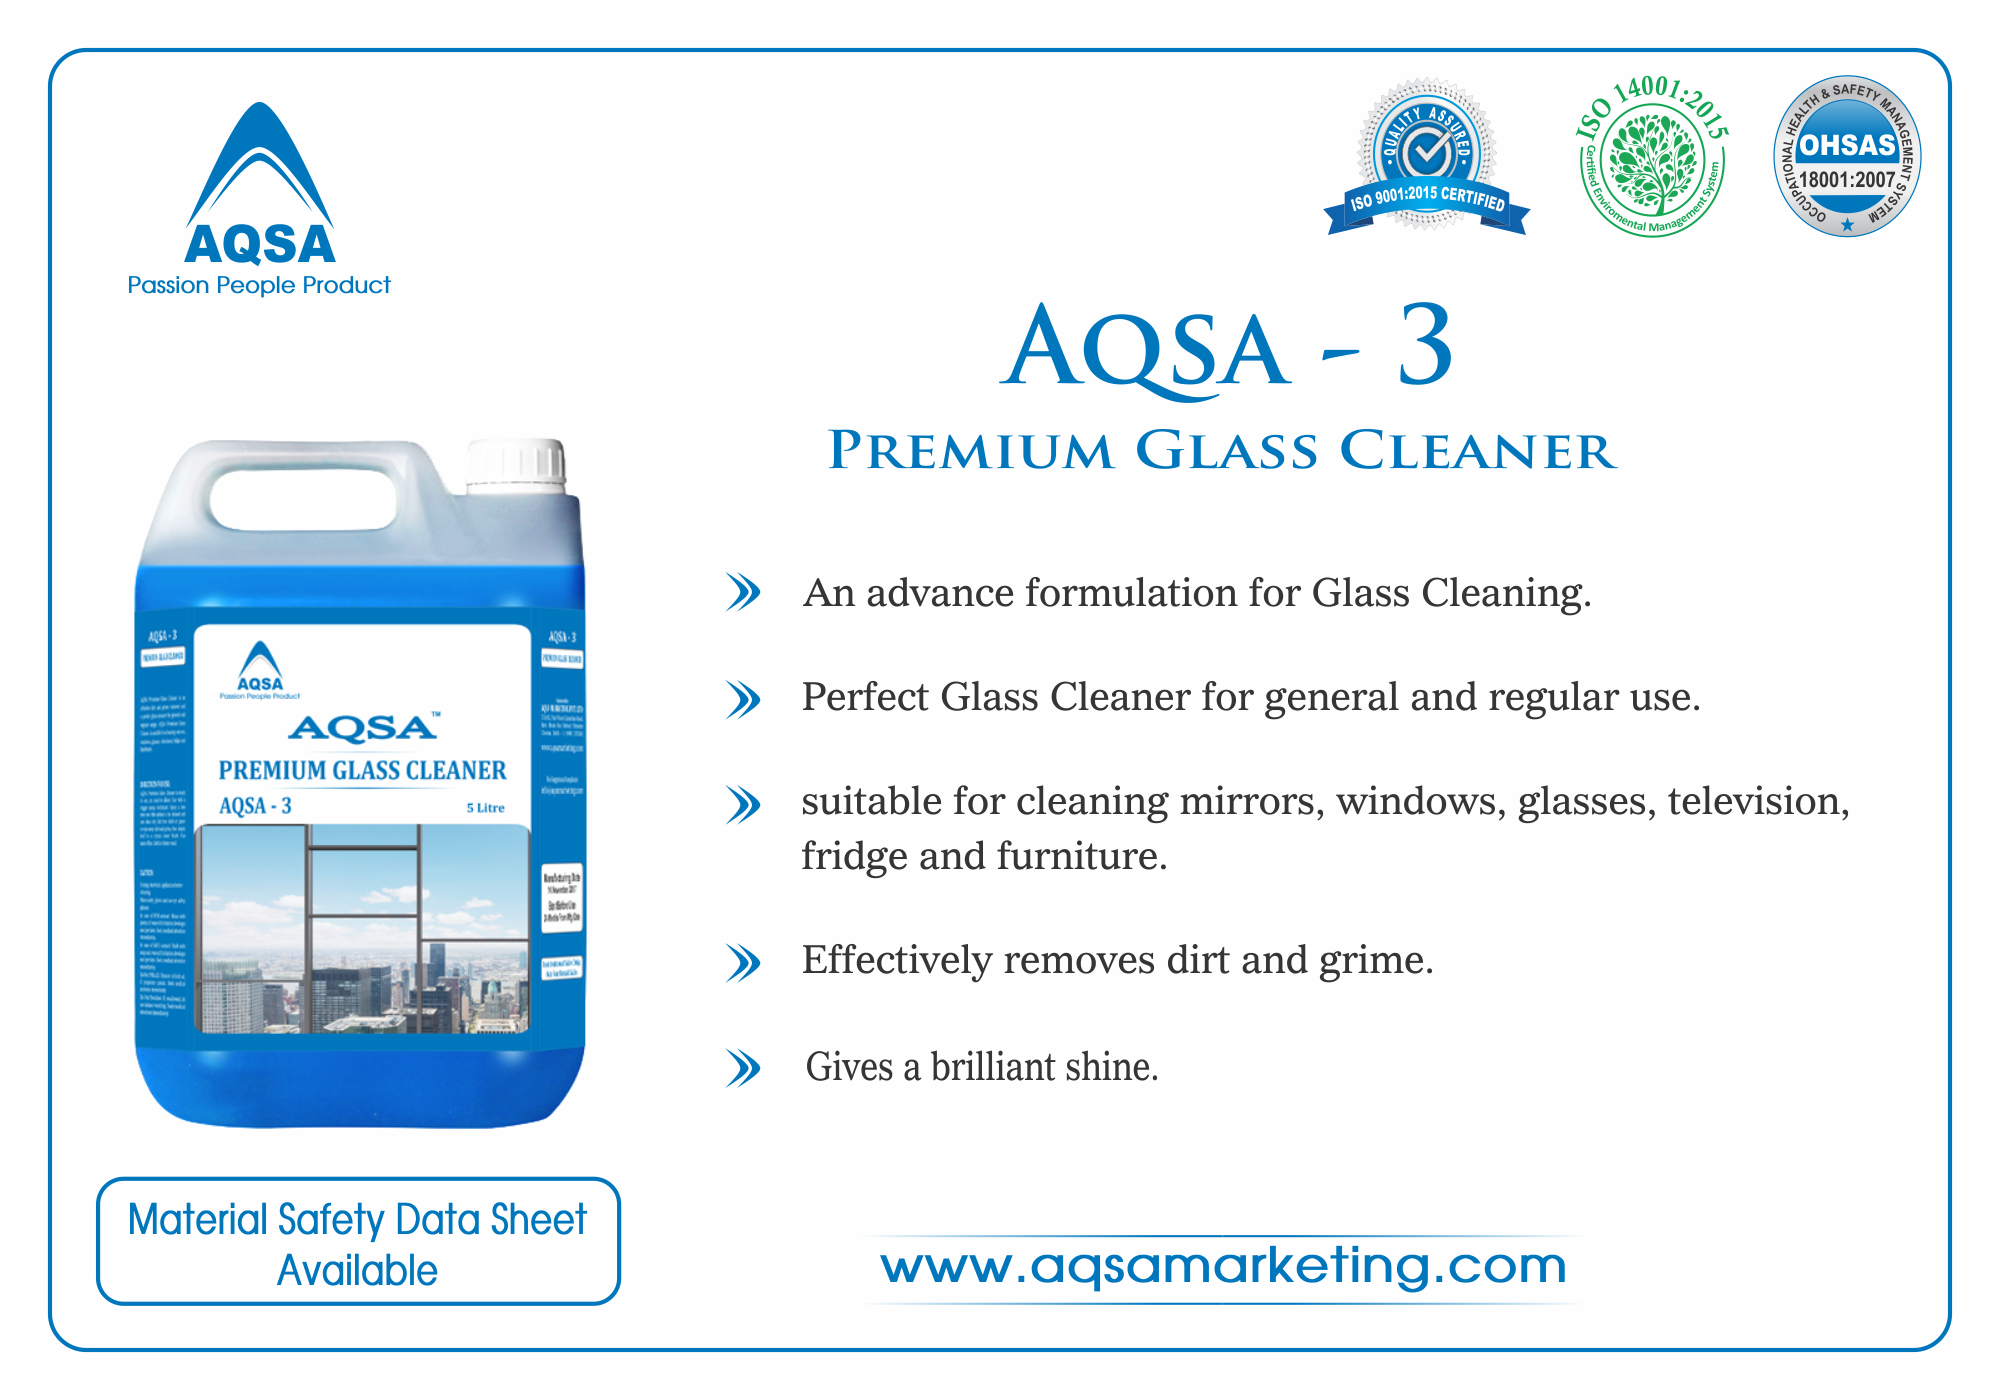 Premium Glass Cleaner AQSA-3 image